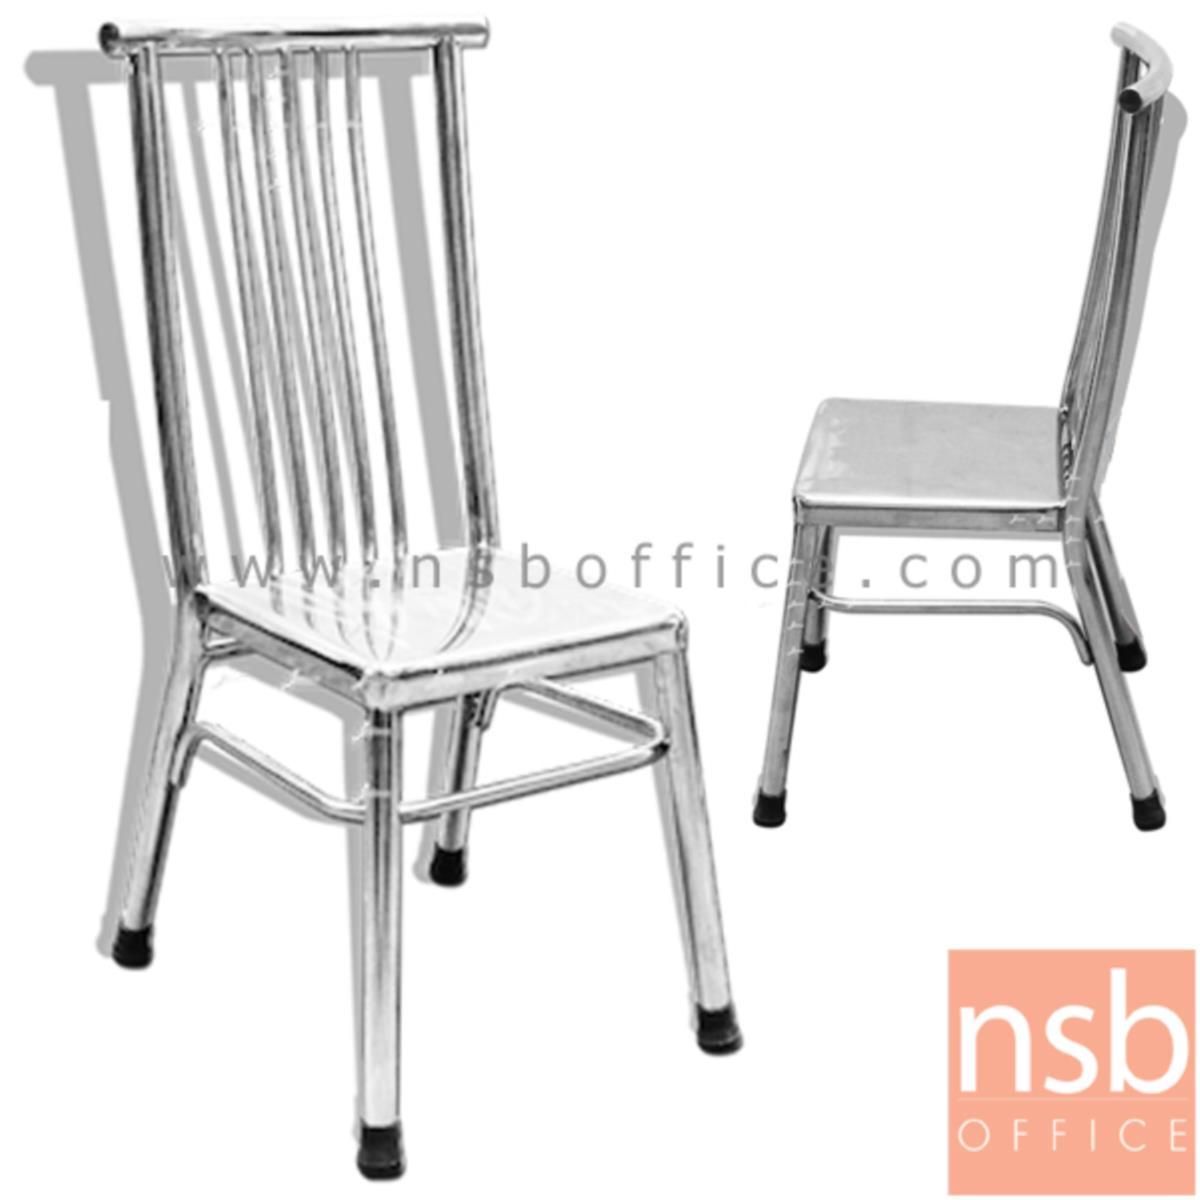 G12A192:เก้าอี้อเนกประสงค์สเตนเลส รุ่น Lockhart (ล็อกฮาร์ท) มีเส้นคาดขา (ผลิตจากสเตนเลสกลม)